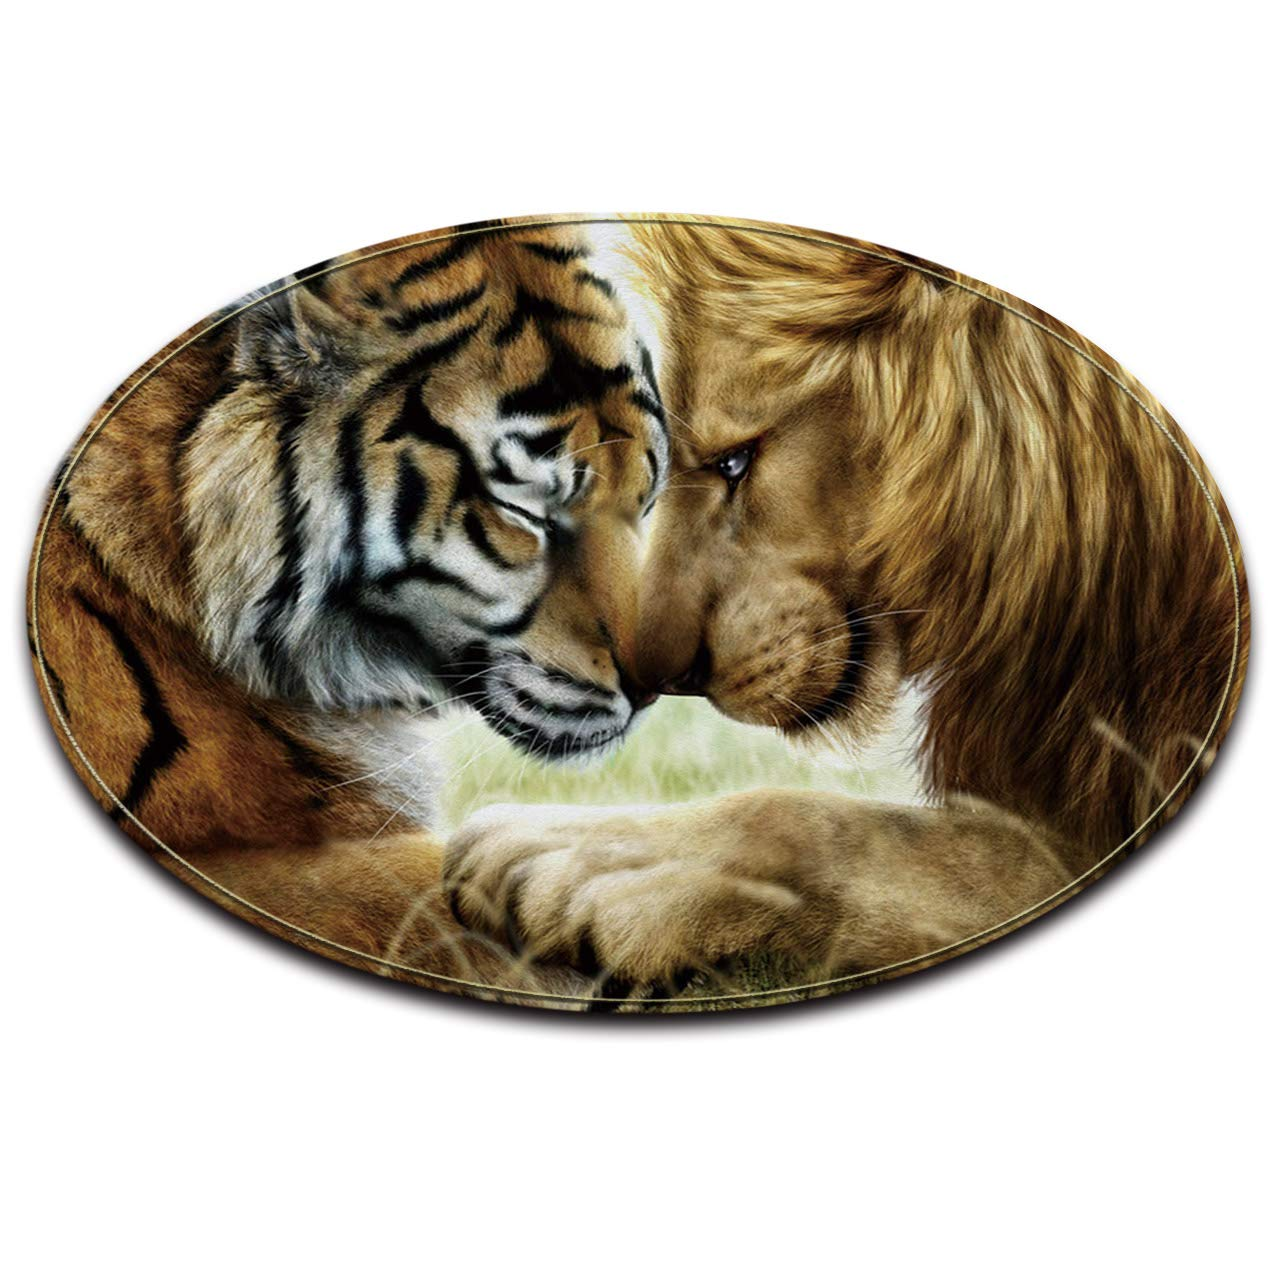 LB Animal Lion Tigre/_Anti-d/érapant Lavable en Machine Espace Rond Tapis Salon Chambre /à Coucher Salle de Bain Cuisine Doux Tapis Tapis de Sol D/écoration int/érieure 80x80 CM